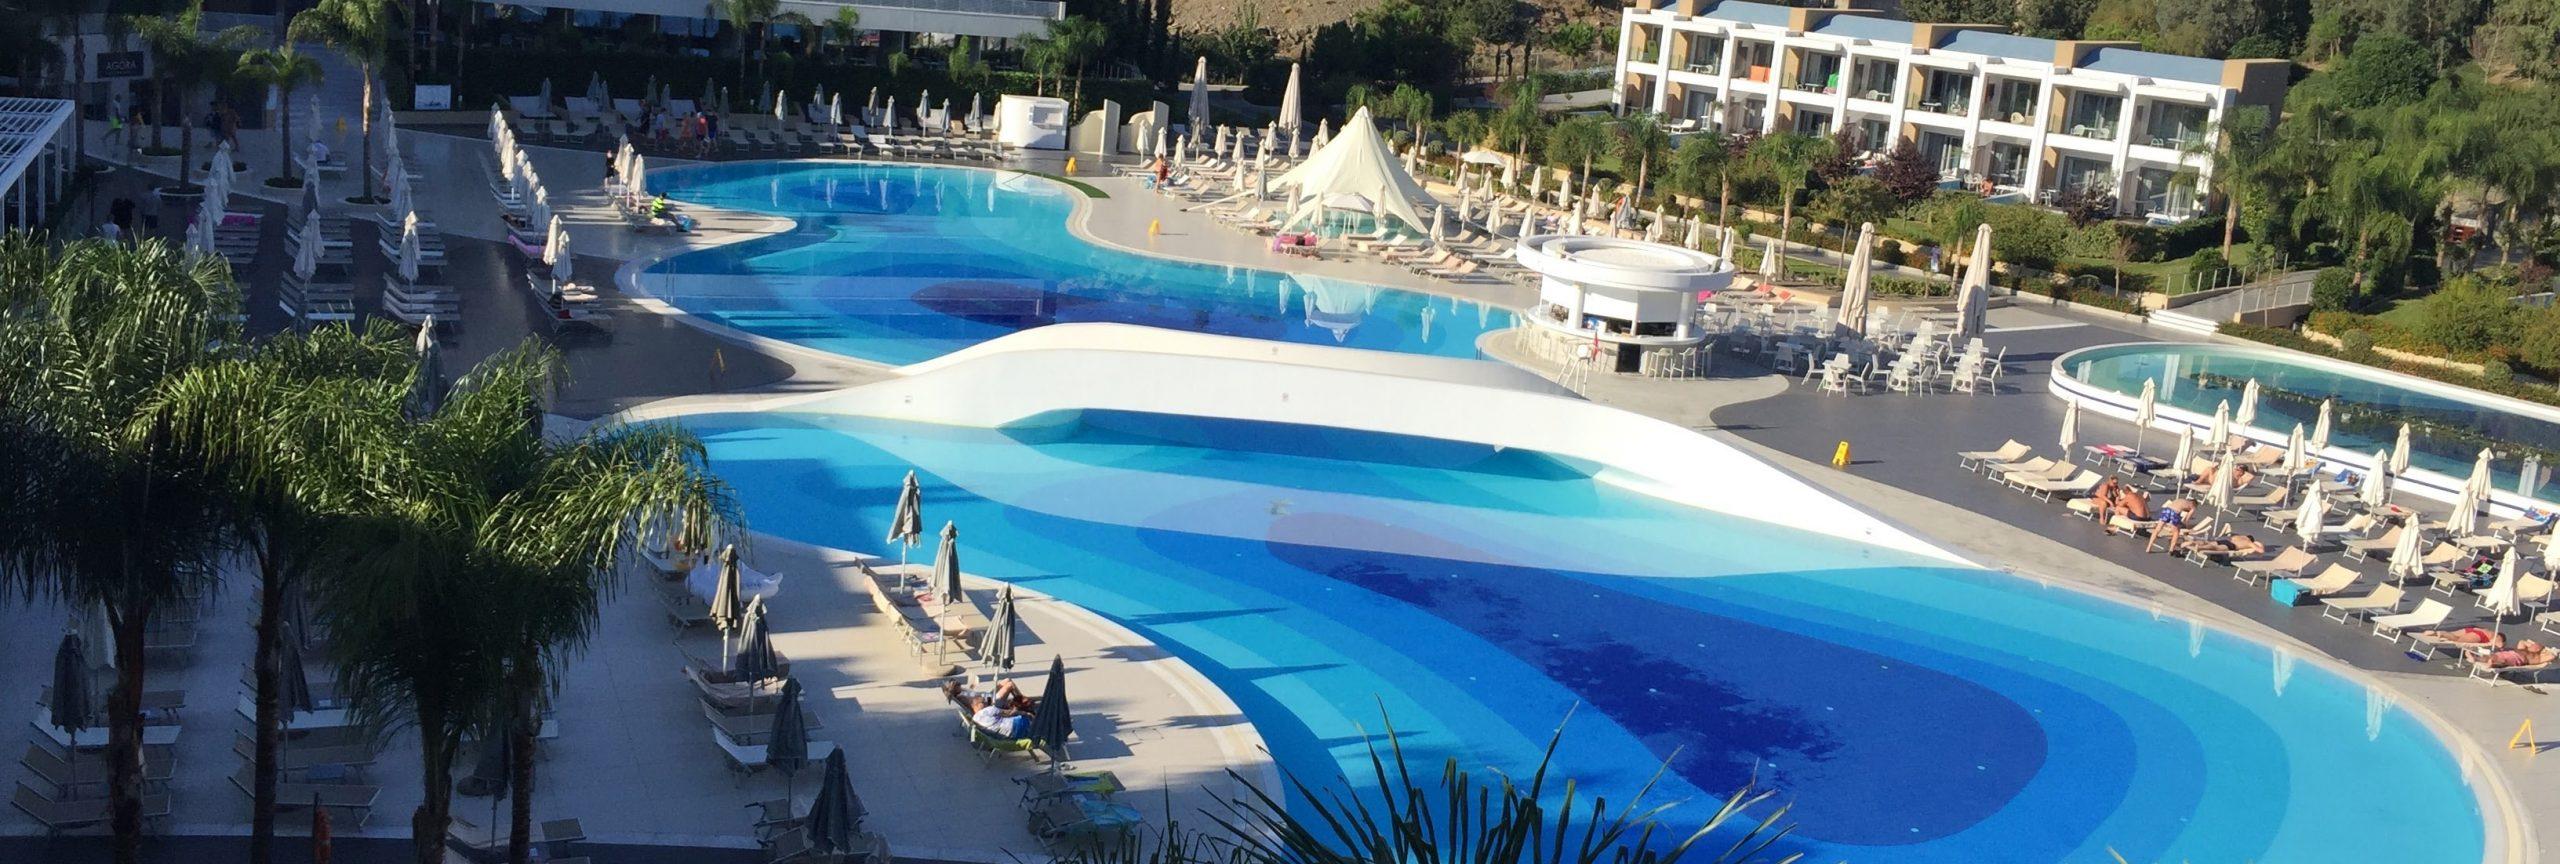 Turkije hotel met zwembad - De Planeet Reizen